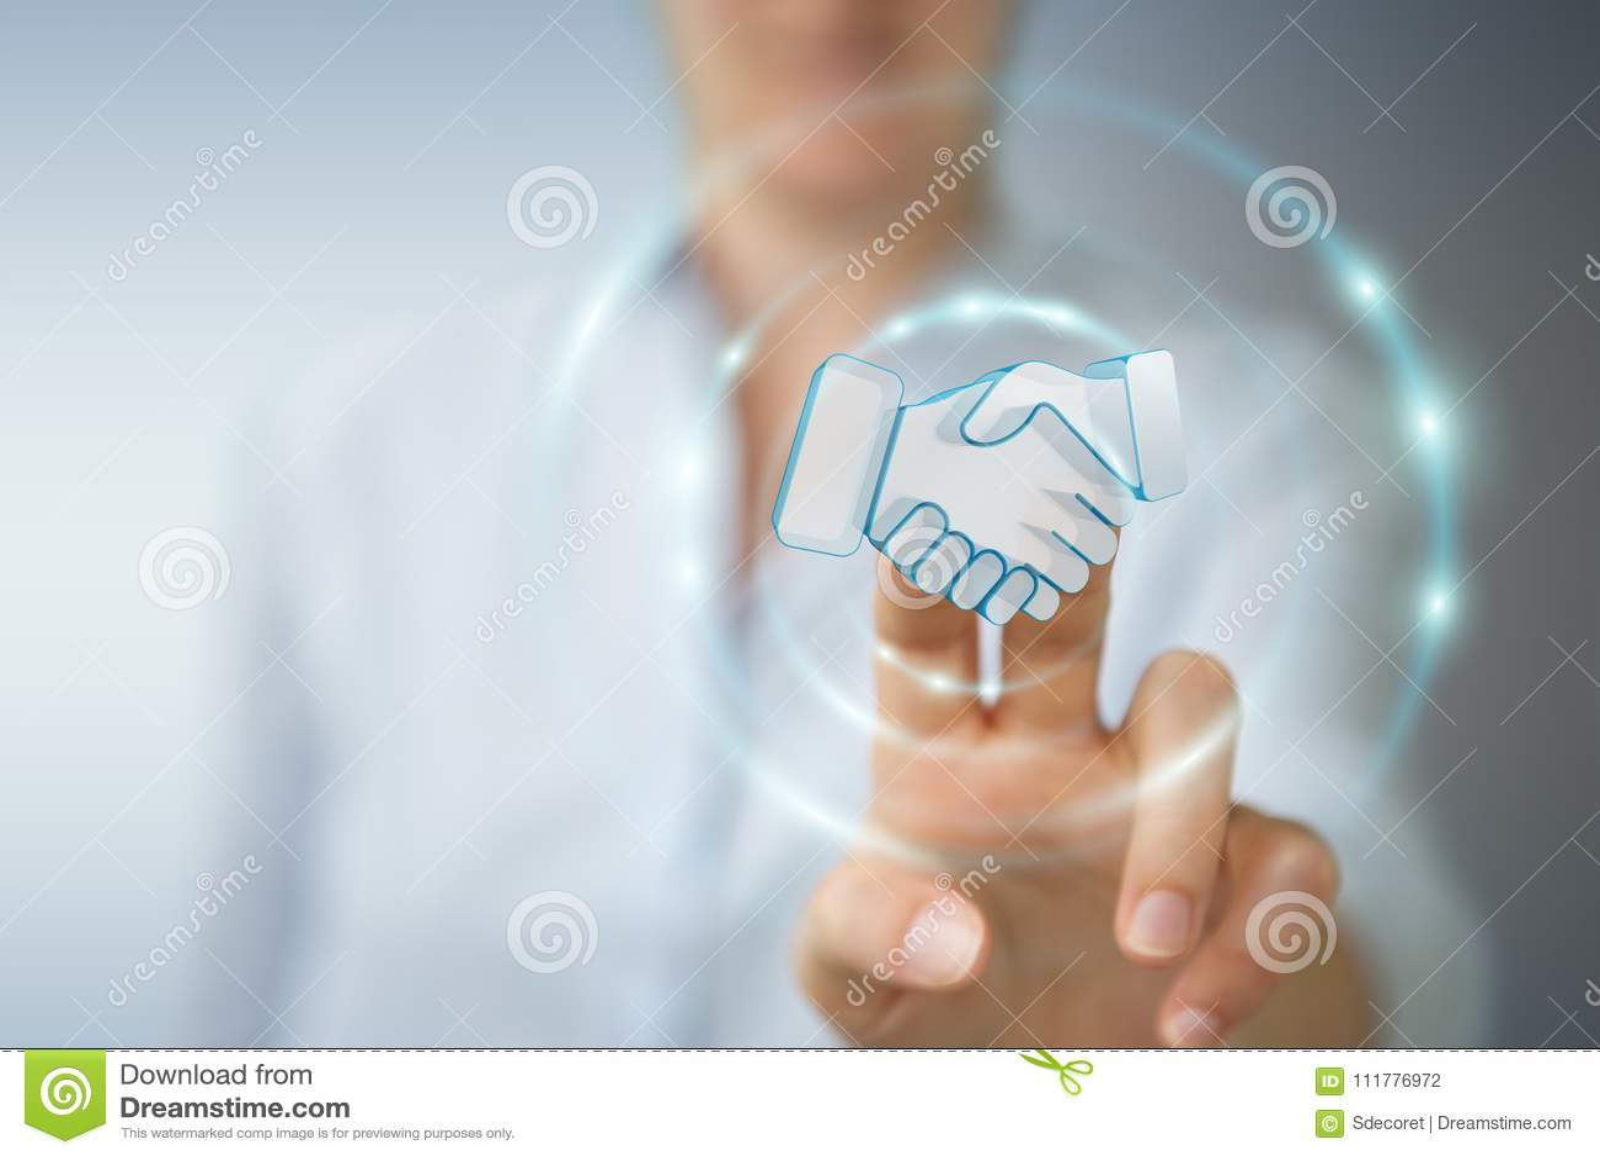 Επιχειρηματίας που ολοκληρώνει μια τρισδιάστατη απόδοση συνεργασίας